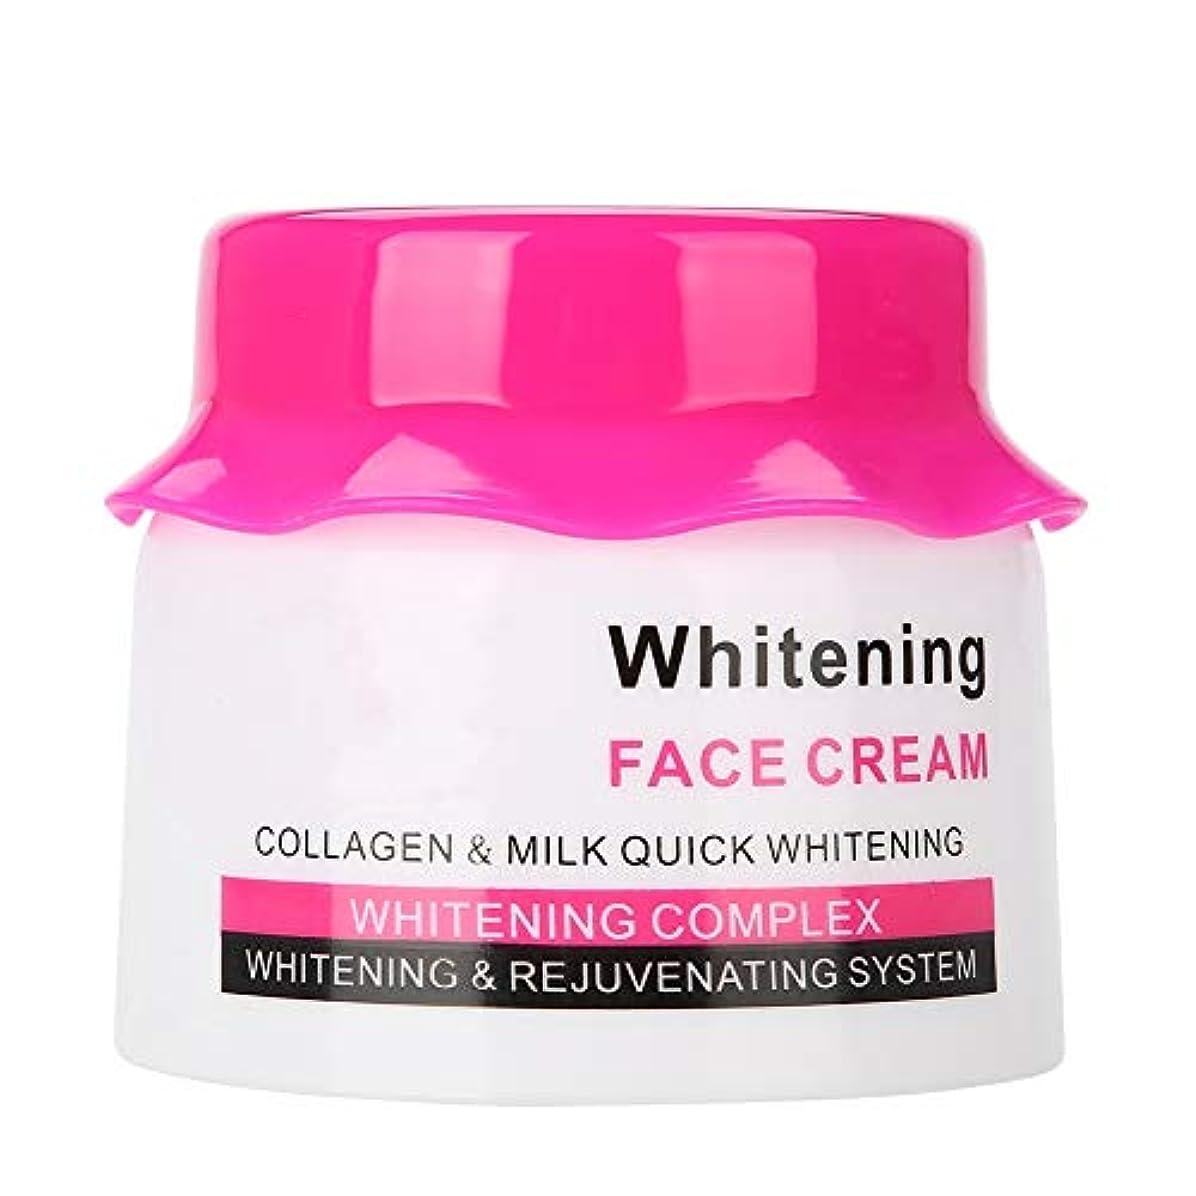 ヘッドレスインキュバス司書天然コラーゲン、肌のリラクゼーションと引き締まった肌の多機能、保湿引き締めフェイシャルシュリンクポアケア肌を白くするフェイシャルクリーム